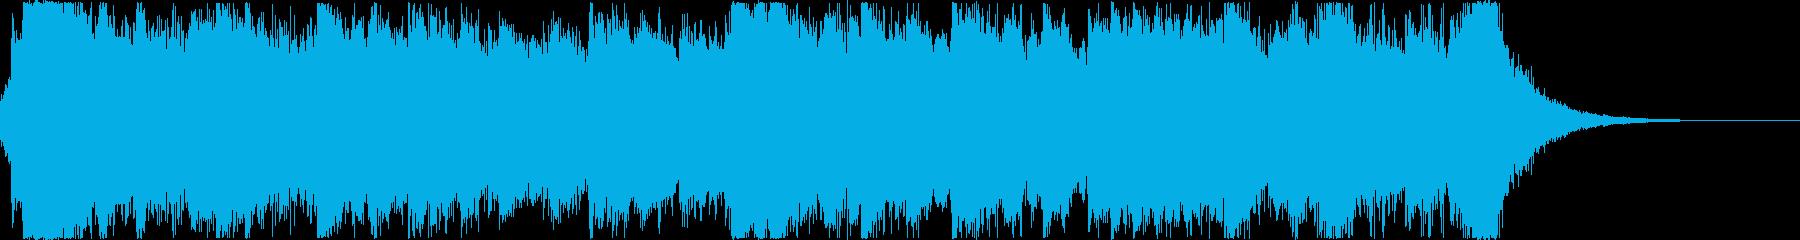 幻想的ピアノ_壮大なファンタジー_短いの再生済みの波形